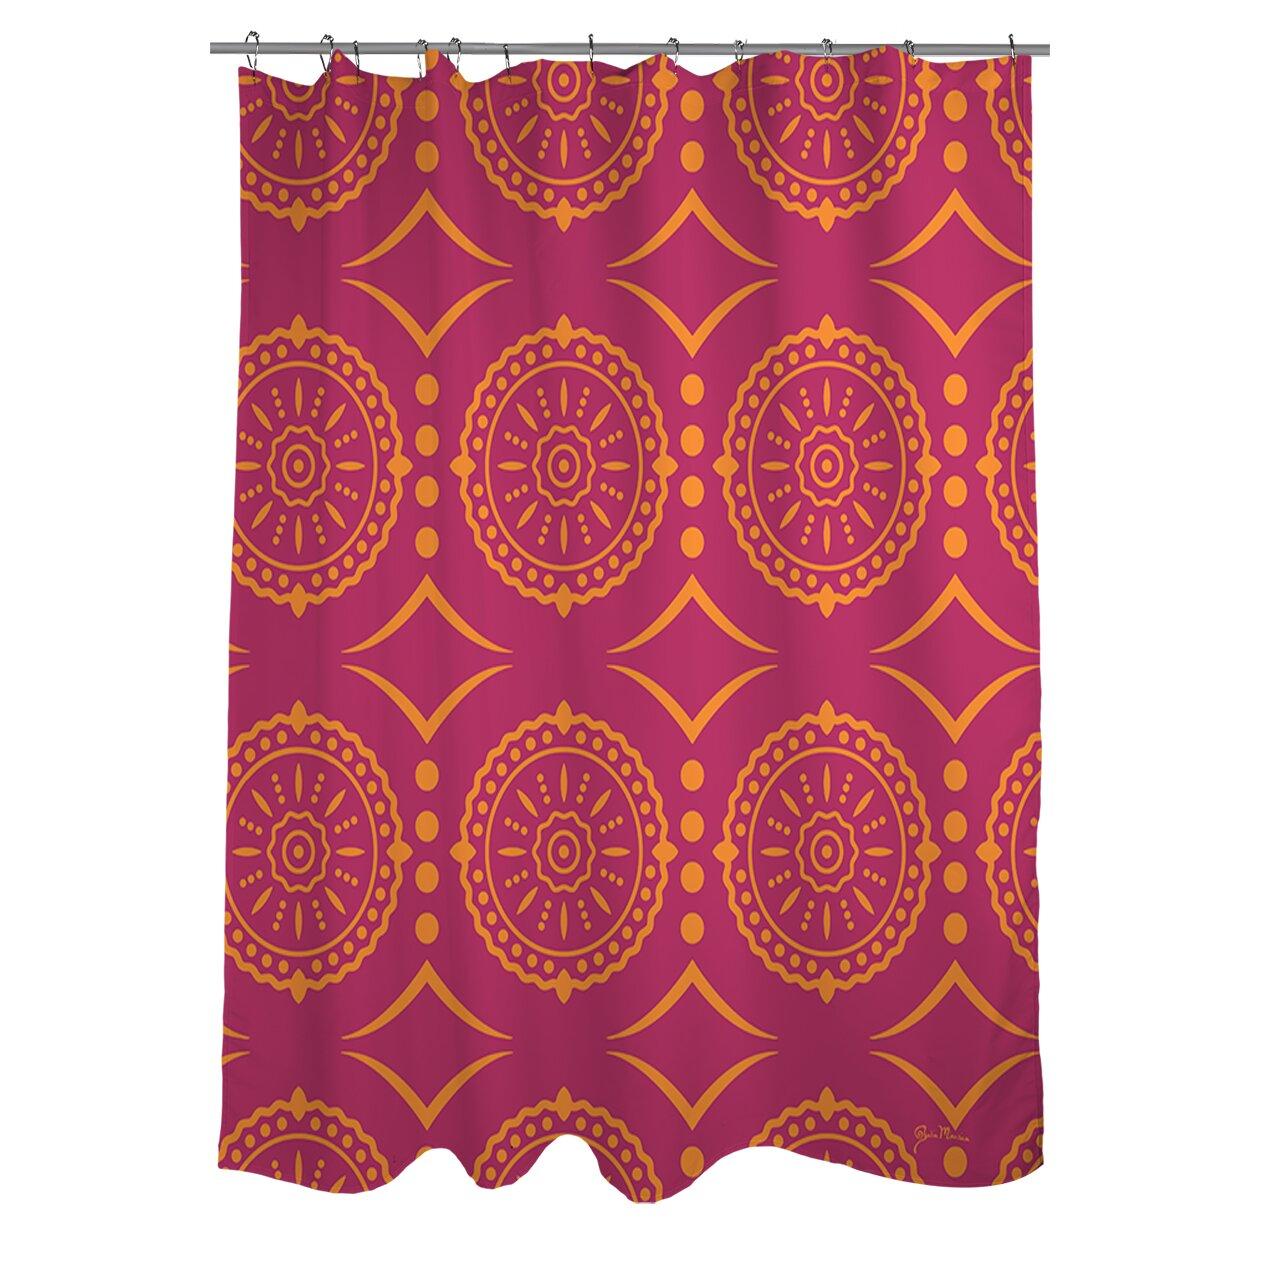 Cynthia rowley medallion shower curtain - Cynthia Rowley Medallion Shower Curtain Banias Medallion Shower Curtain By Manual Woodworkers Weavers